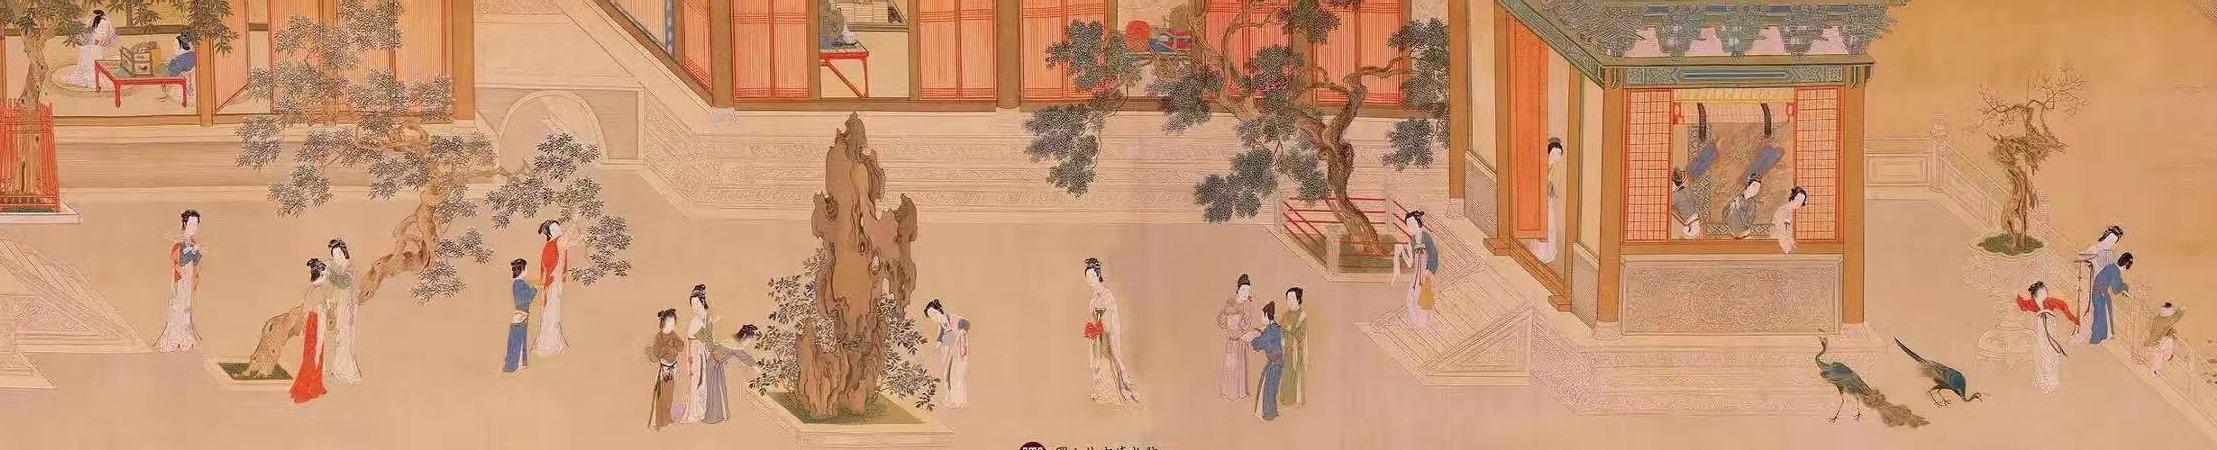 汉宫春晓图 3